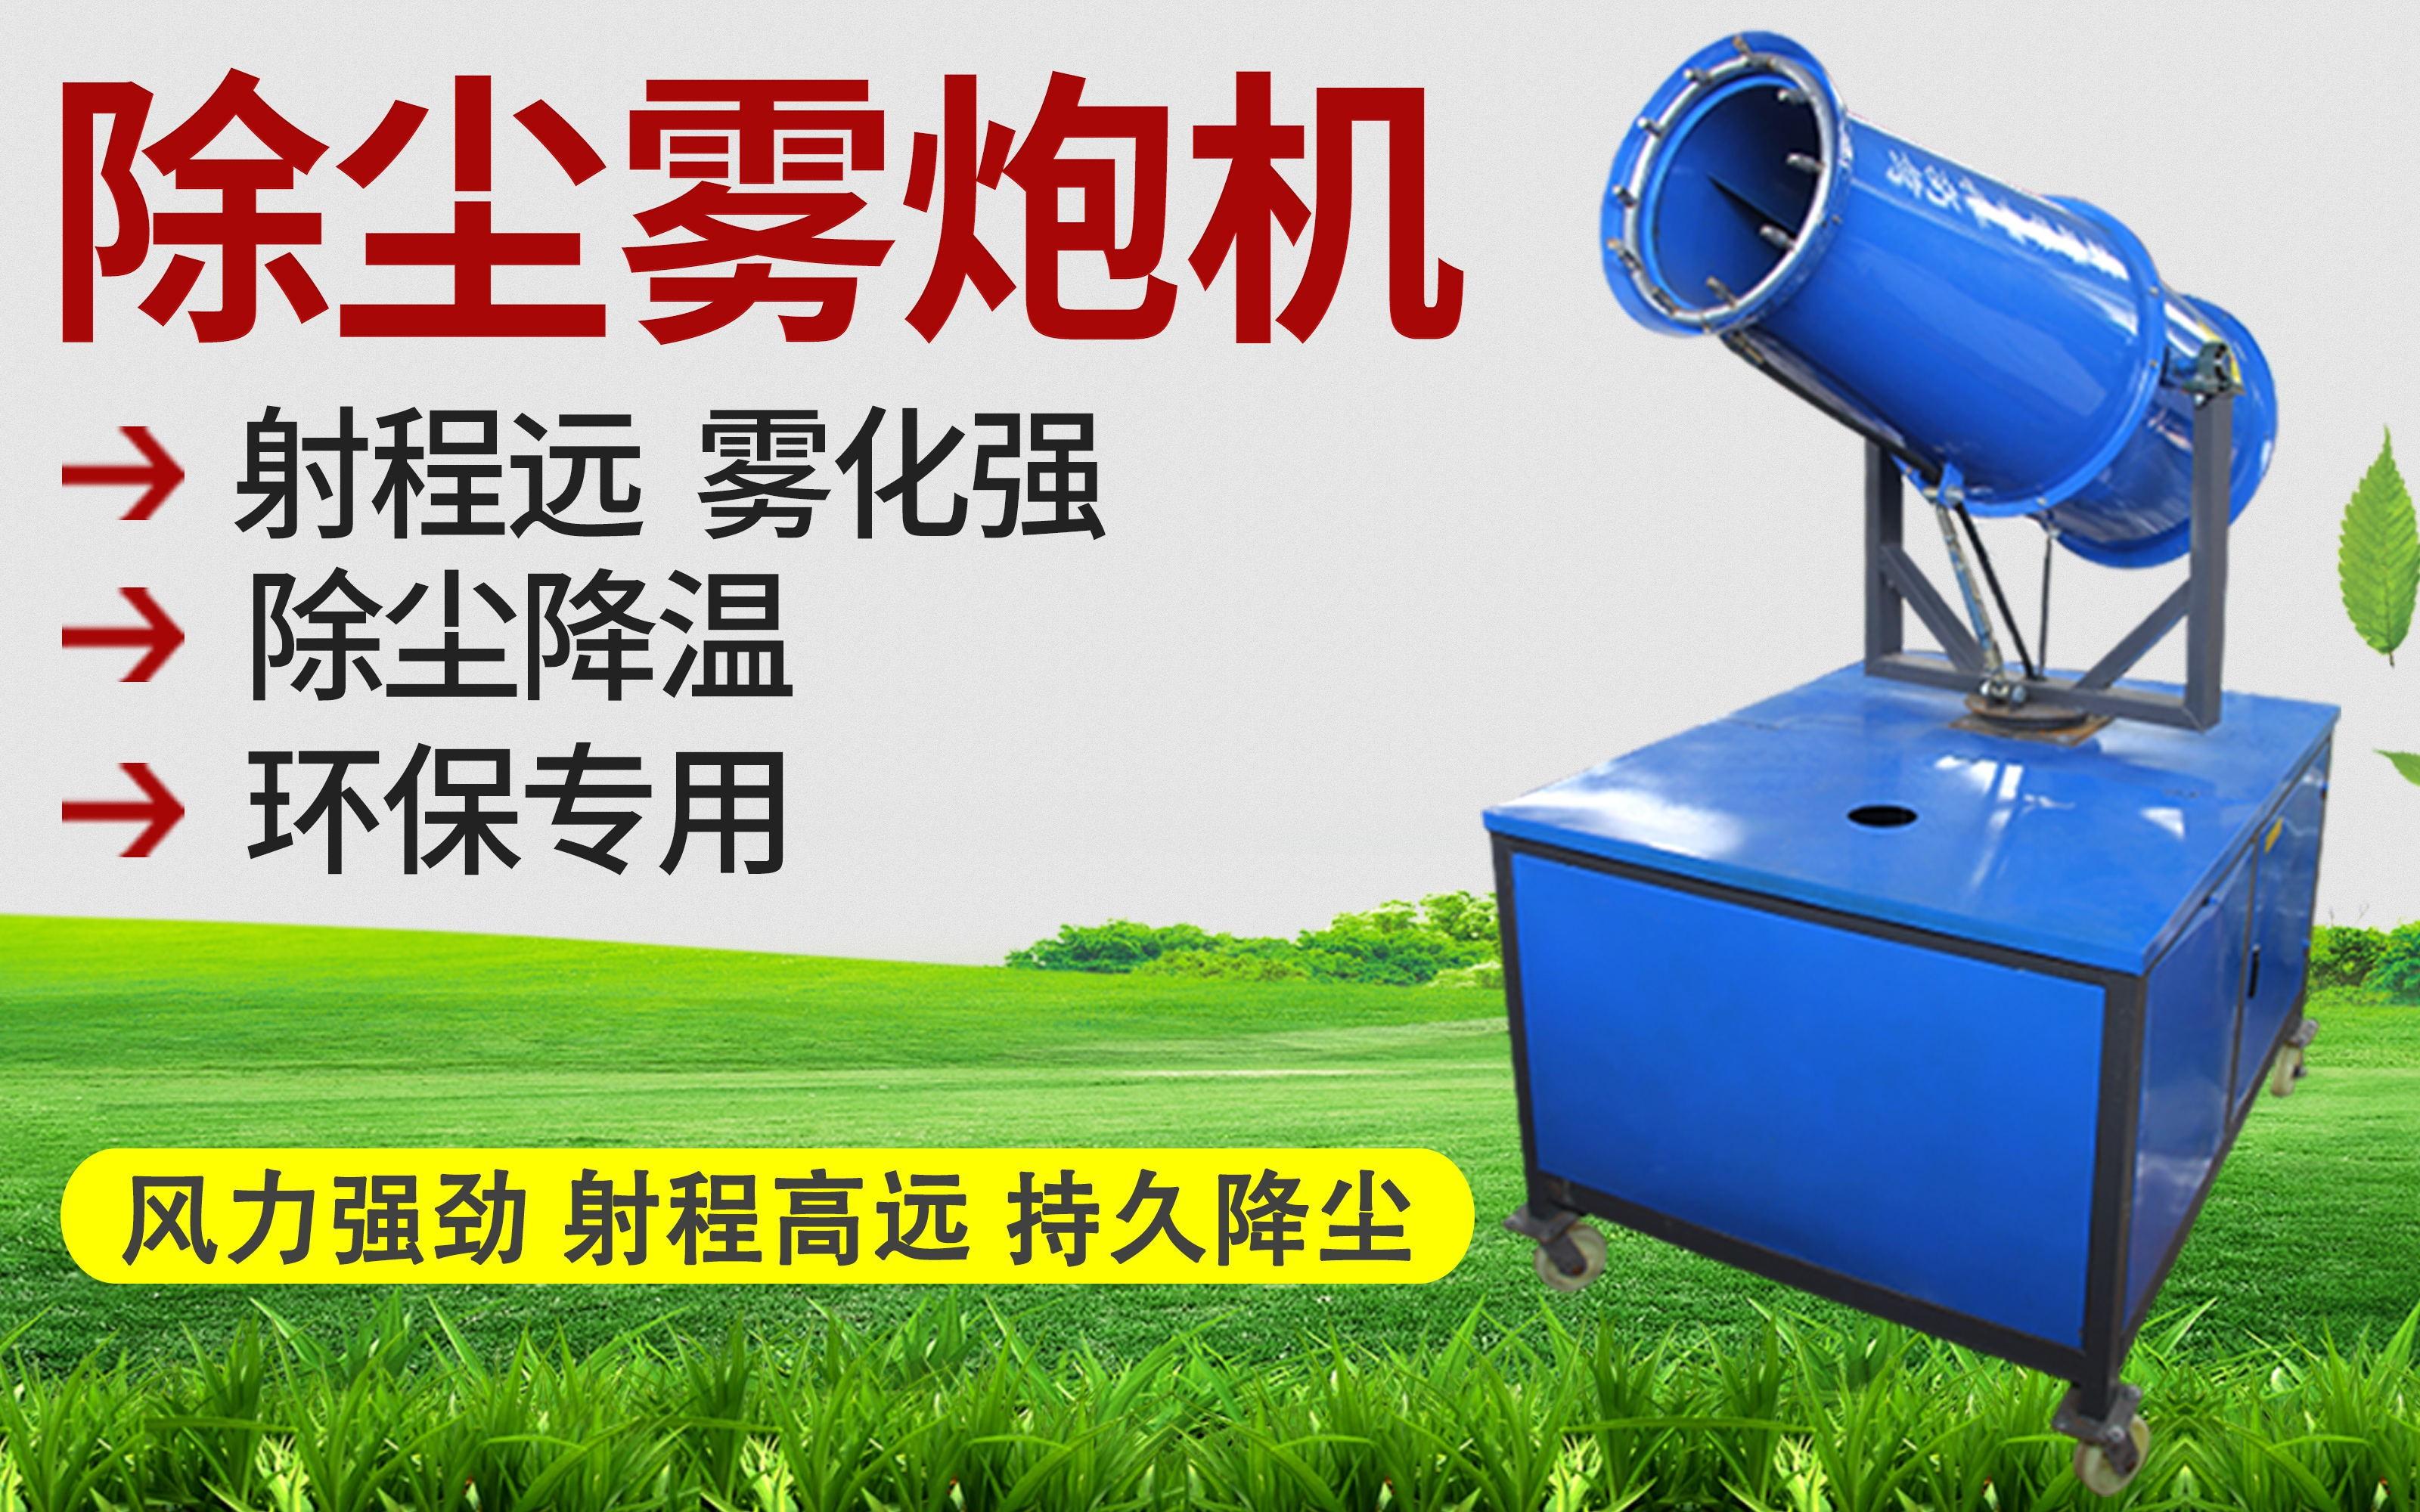 工地雾炮机,喷雾雾炮机,威海安信电子科技有限公司